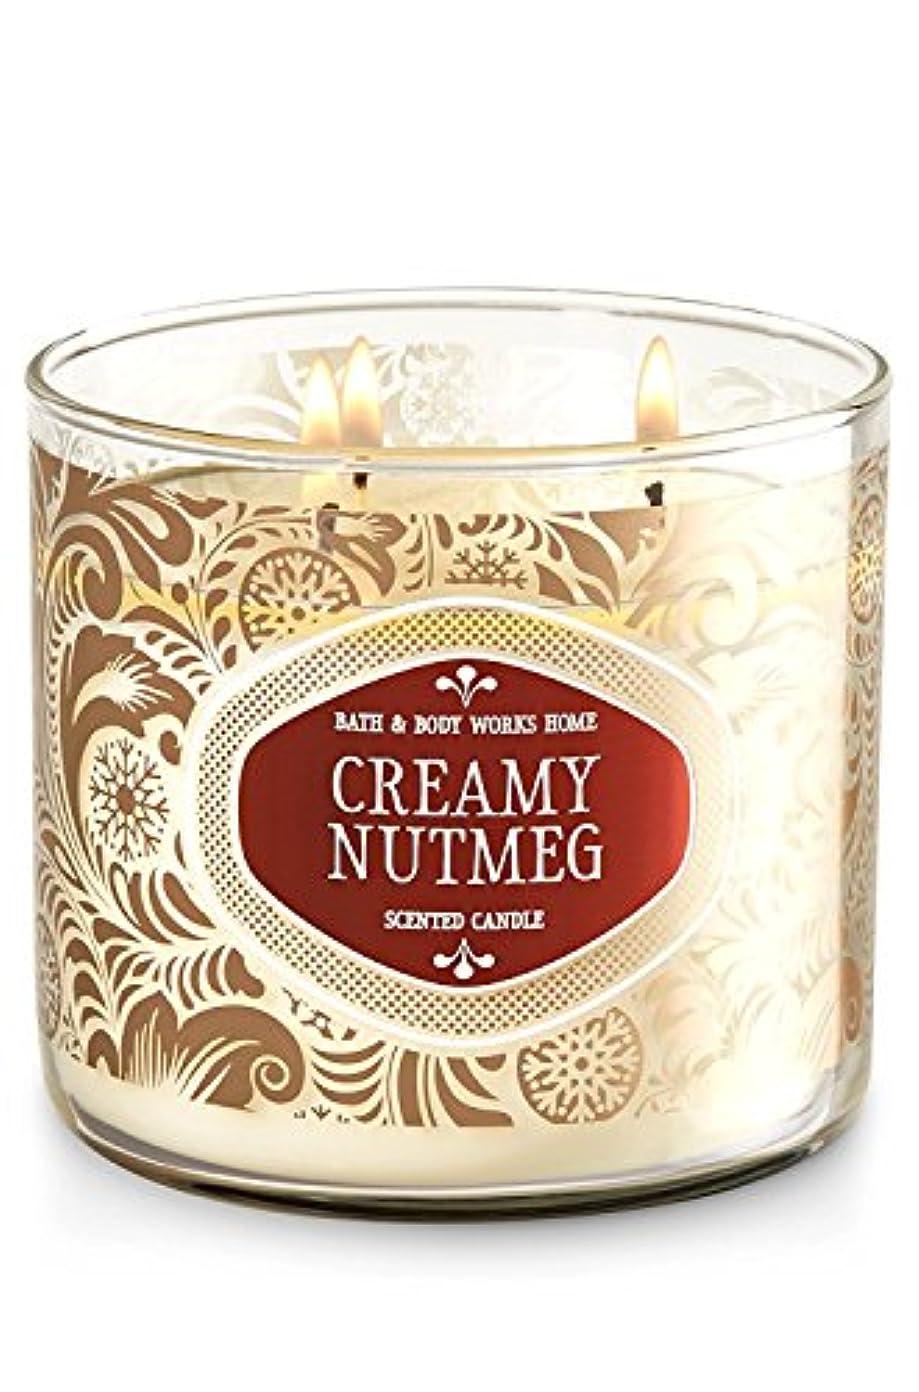 虚栄心感情公然とバス&ボディワークスSlatkin & Co。14.5オンス3つWick Scented Filled Candle – Creamy Nutmeg